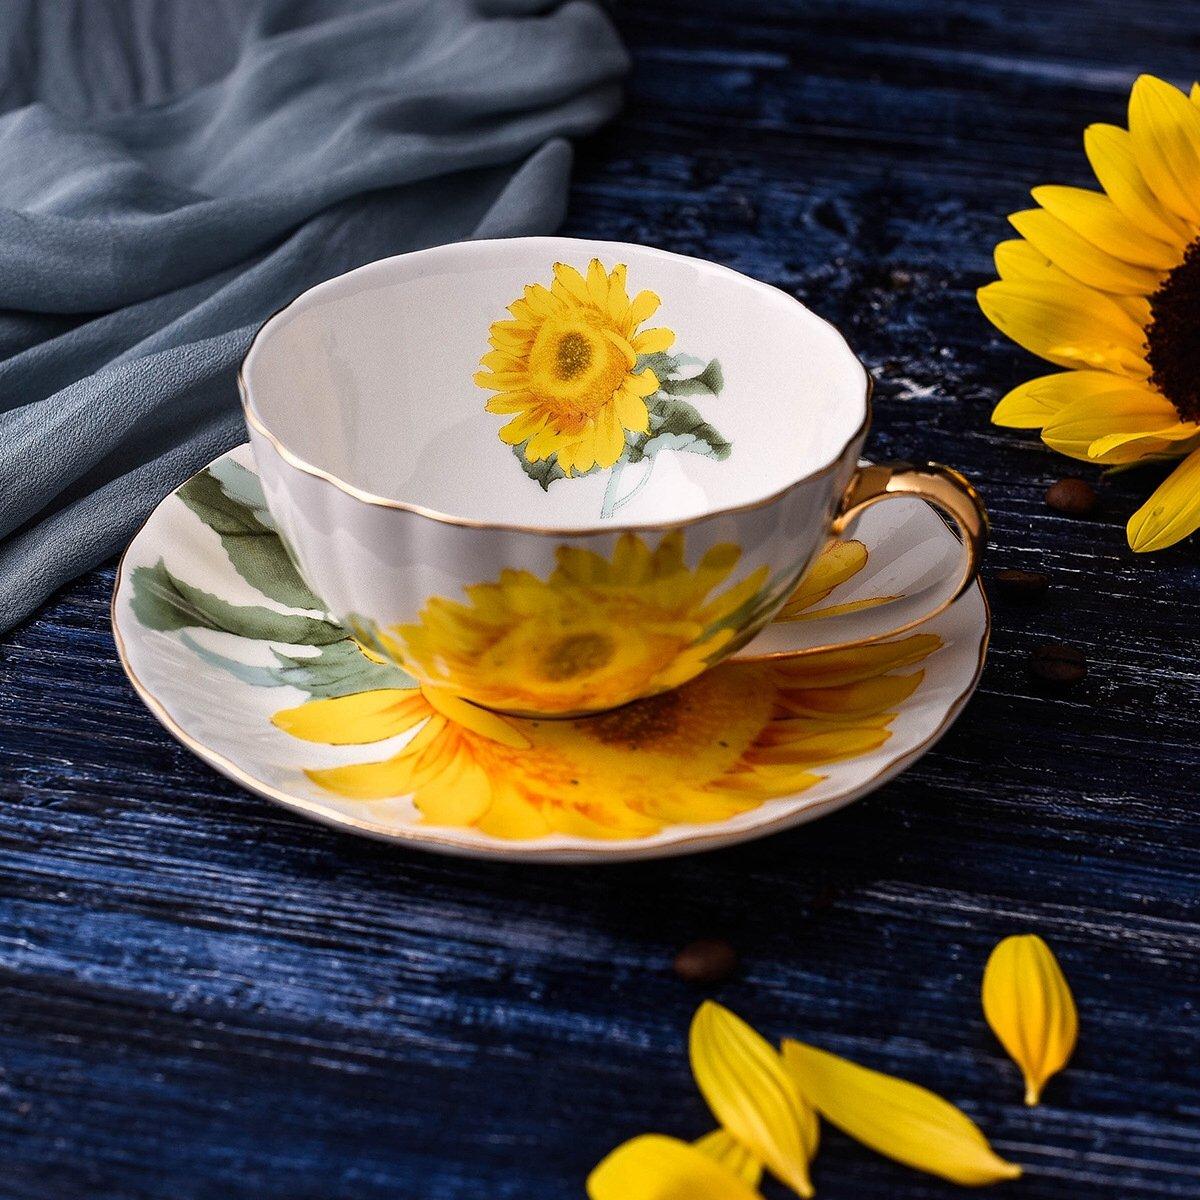 YosouホームPersonalized UniqueカスタムデザインセラミックコーヒーMug and Saucer withスプーンセットティーカップセットの高級スタイルギフトボックス – ギフト イエロー B072JCTFVB サンフラワー サンフラワー